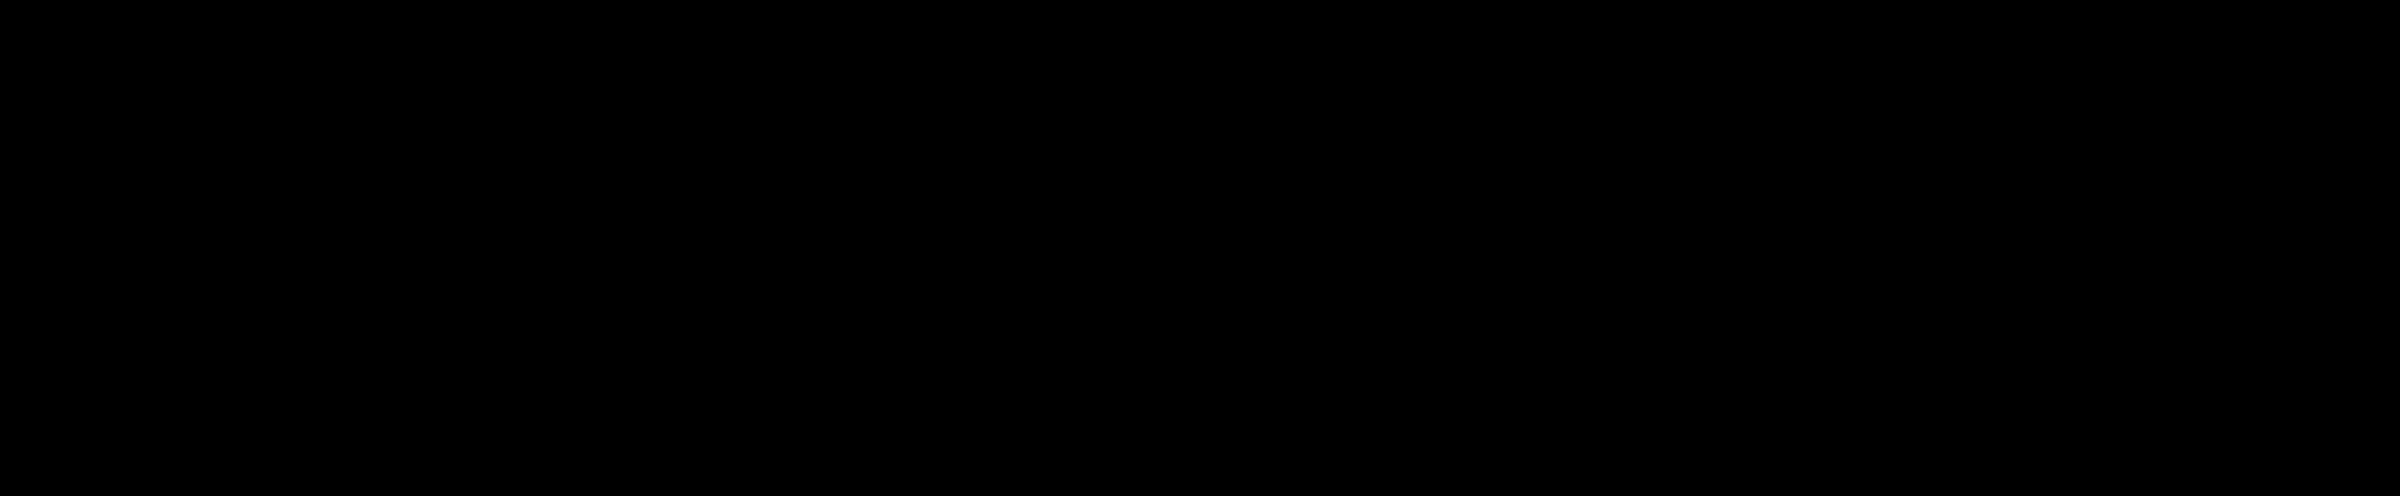 Calvin Klein Logo Png Images Free Download - Calvin Klein Logo PNG